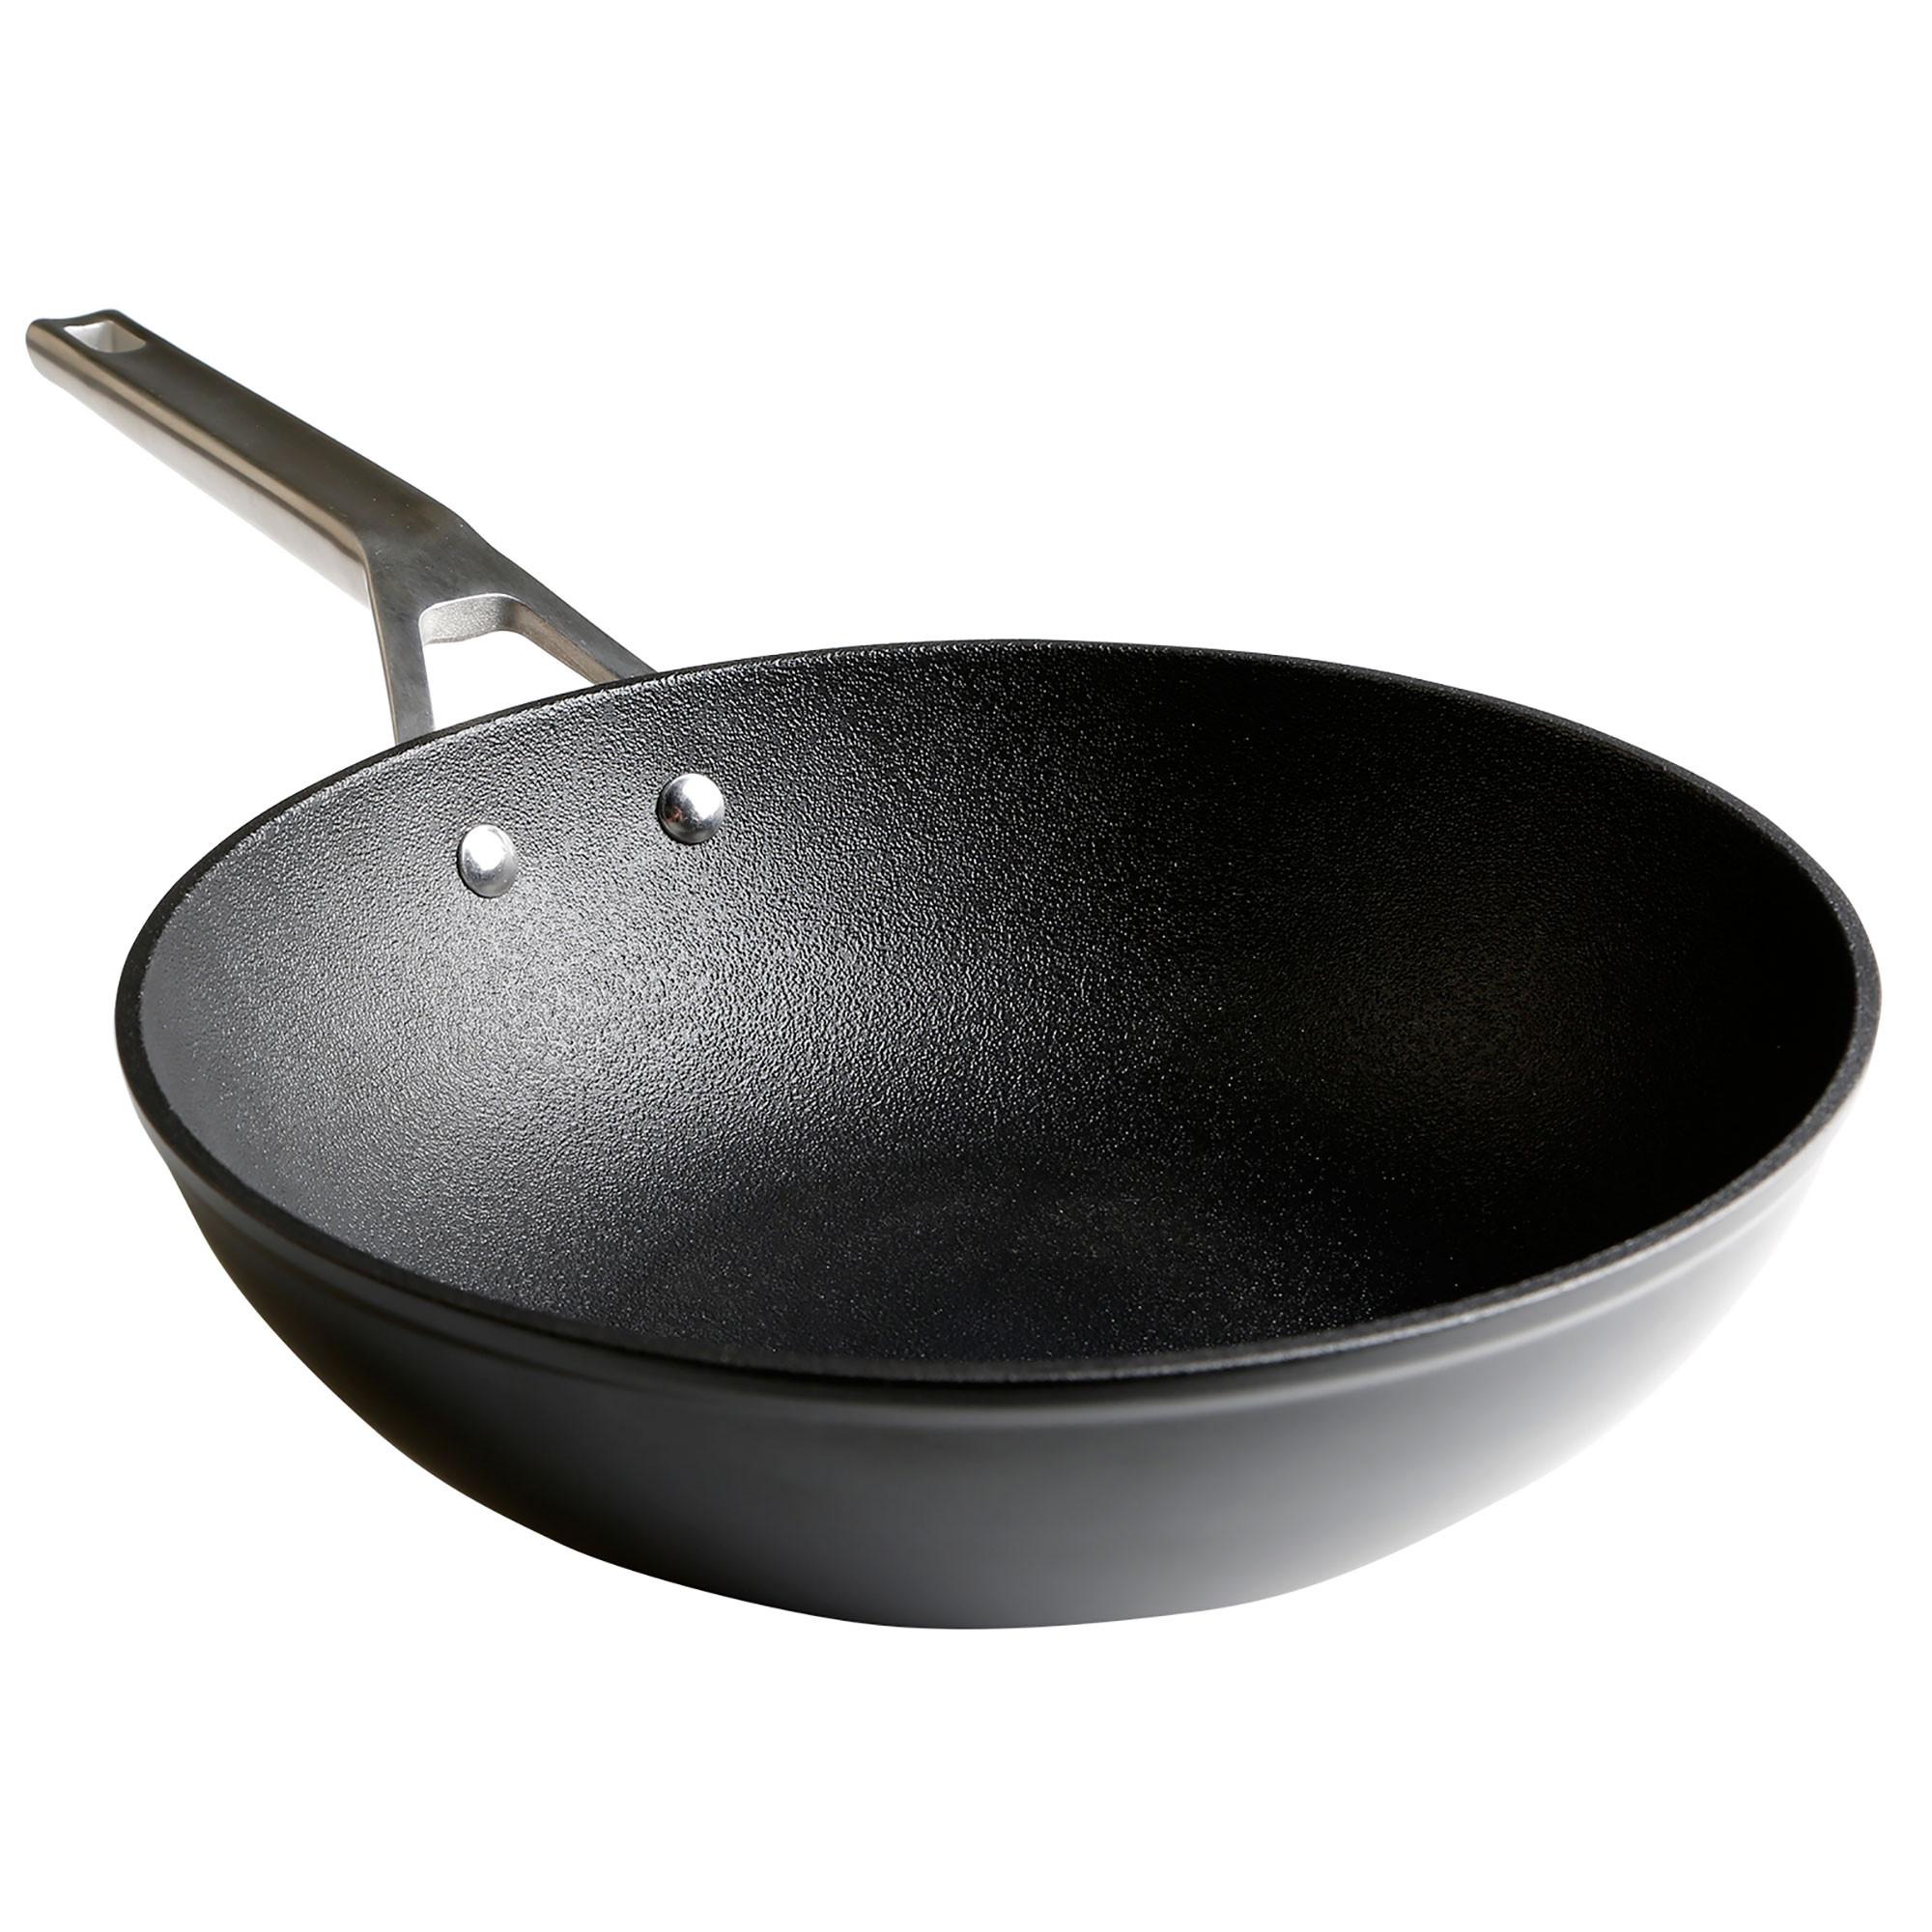 Wecook Ecosteel Wok inducción 28 cm, aluminio forjado, 3 Capas Antiadherente Titanio sin PFOA, 4,2mm espesor, mango acero inox, Apta todas las cocinas, vitroceramica, gas, honro